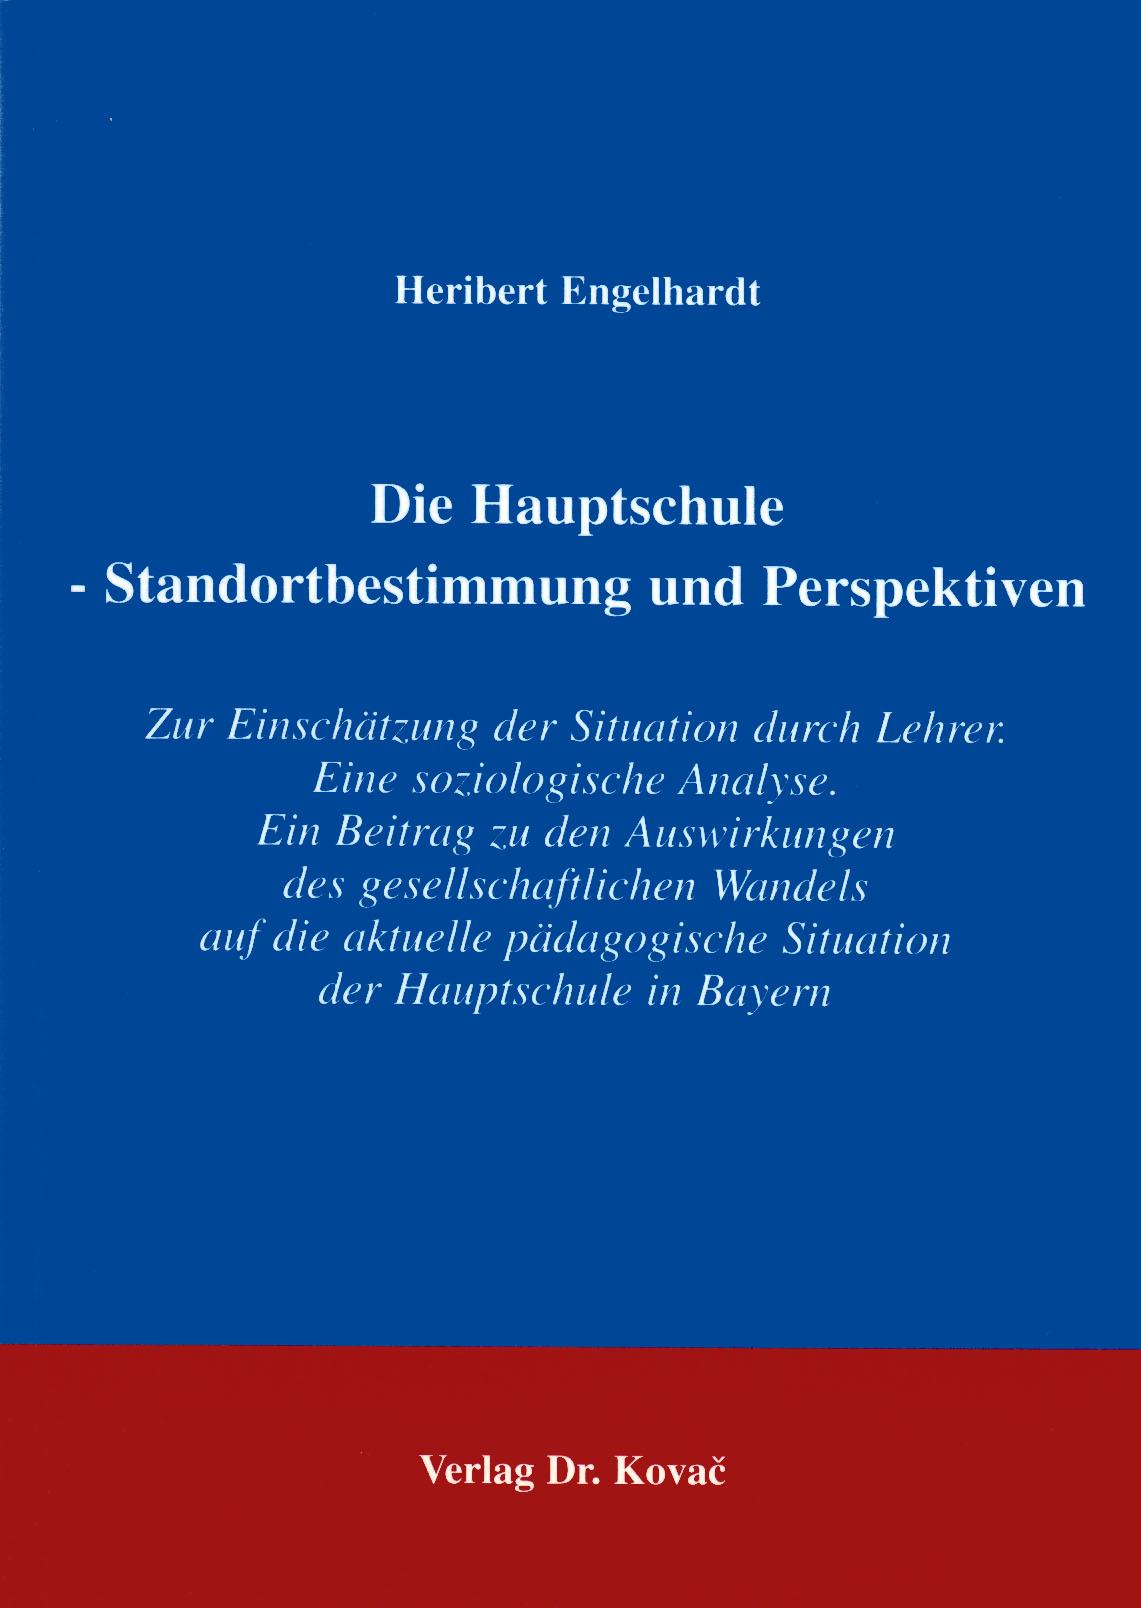 Cover: Die Hauptschule: Standortbestimmung und Perspektiven